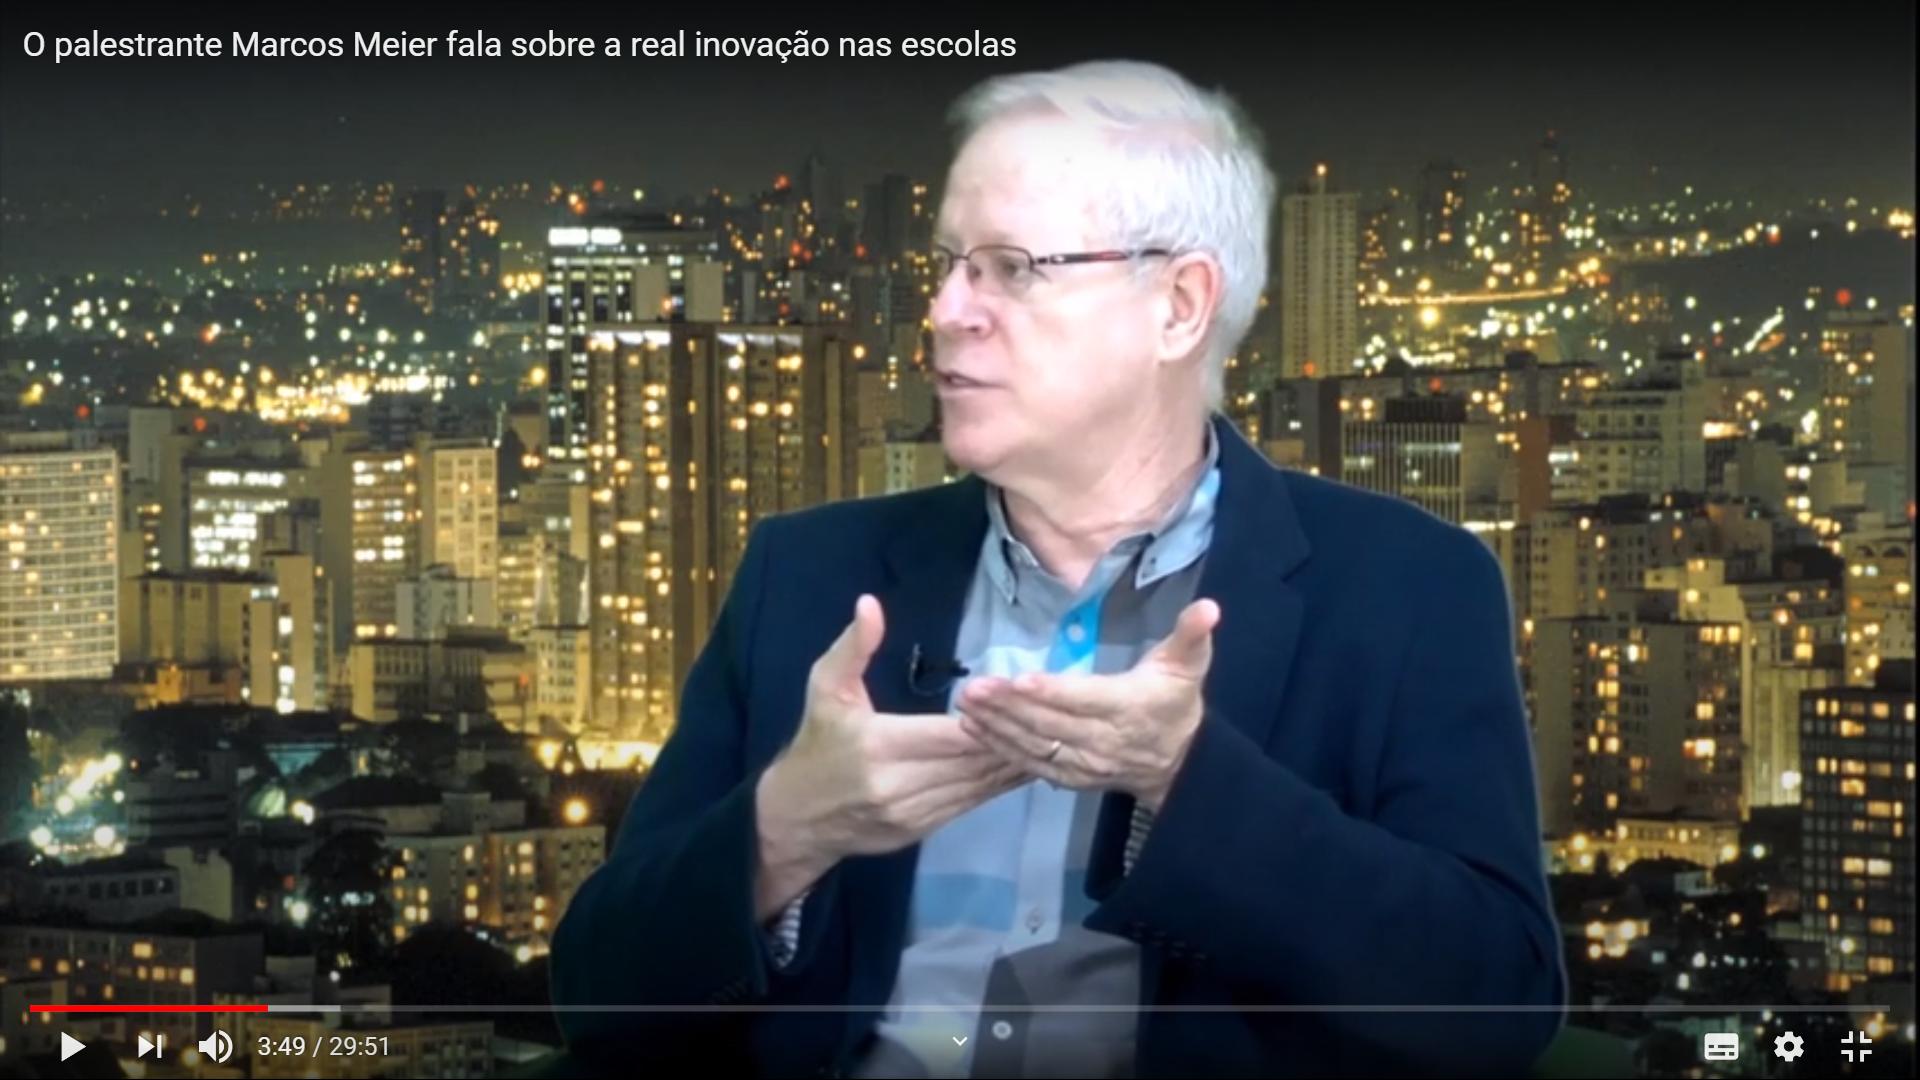 O palestrante Marcos Meier fala sobre a real inovação nas escolas